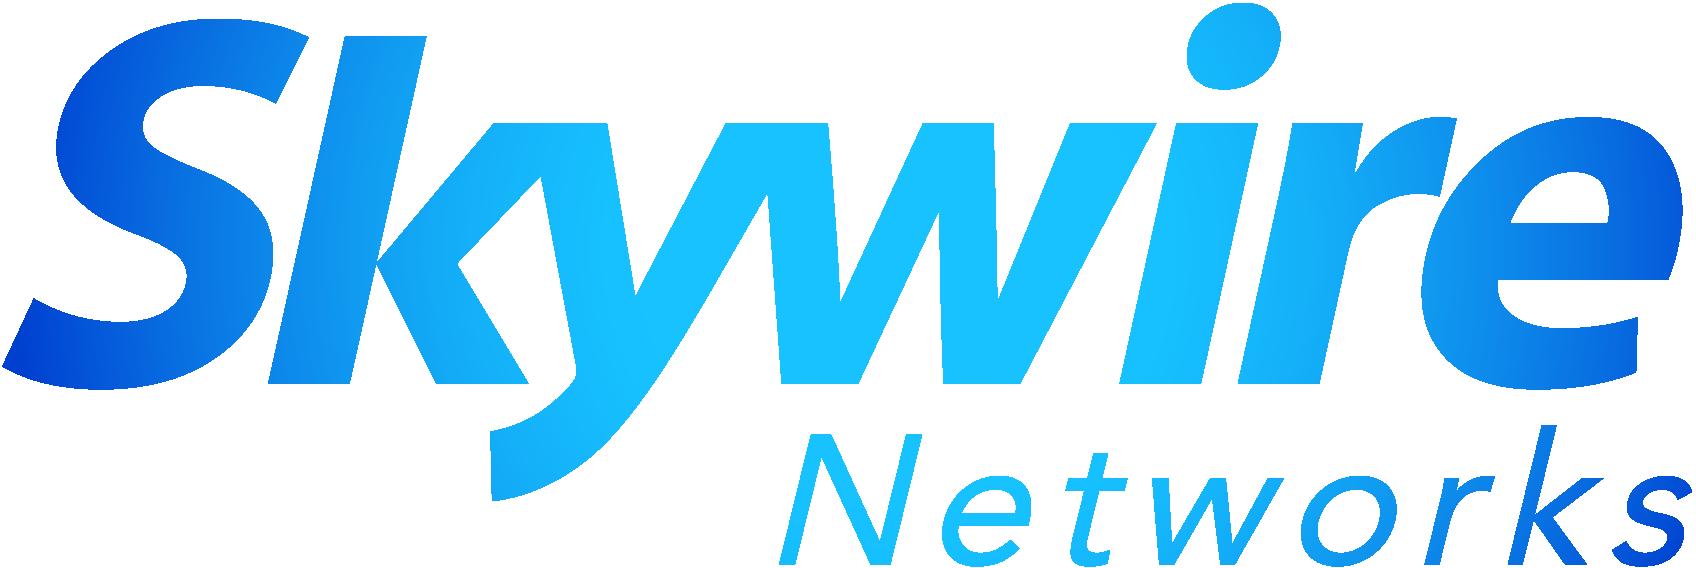 skywirelogo